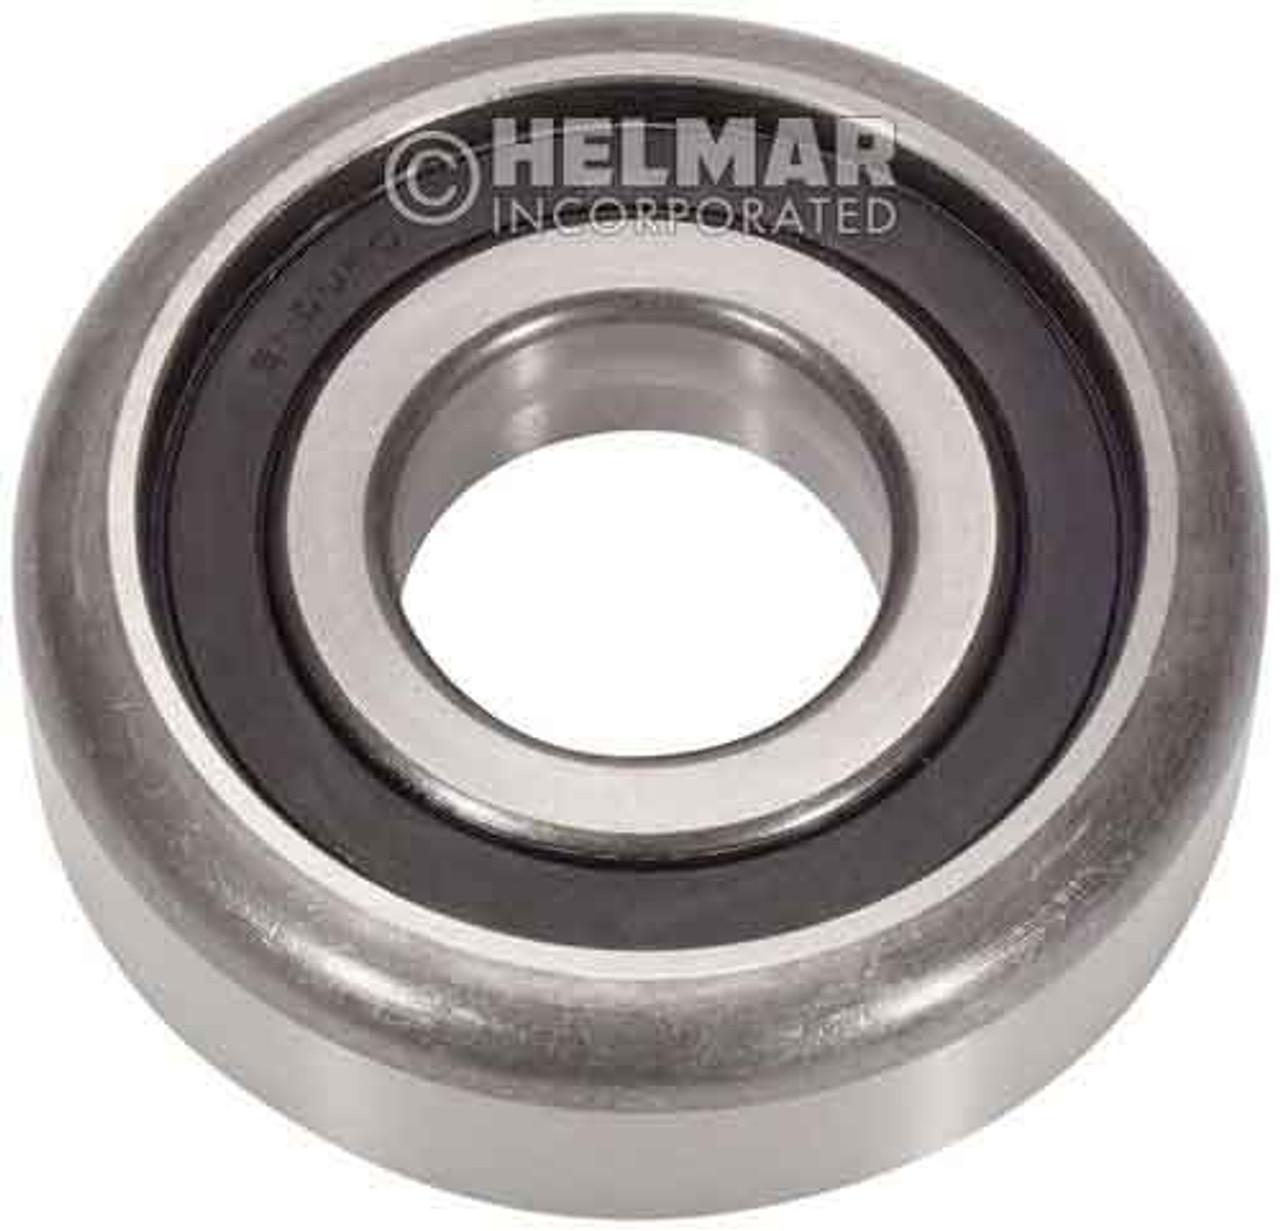 662145 Cascade Mast Roller Bearing 28.26mm Wide, 101.34mm Outer Diameter, 39.85mm Inner Diameter